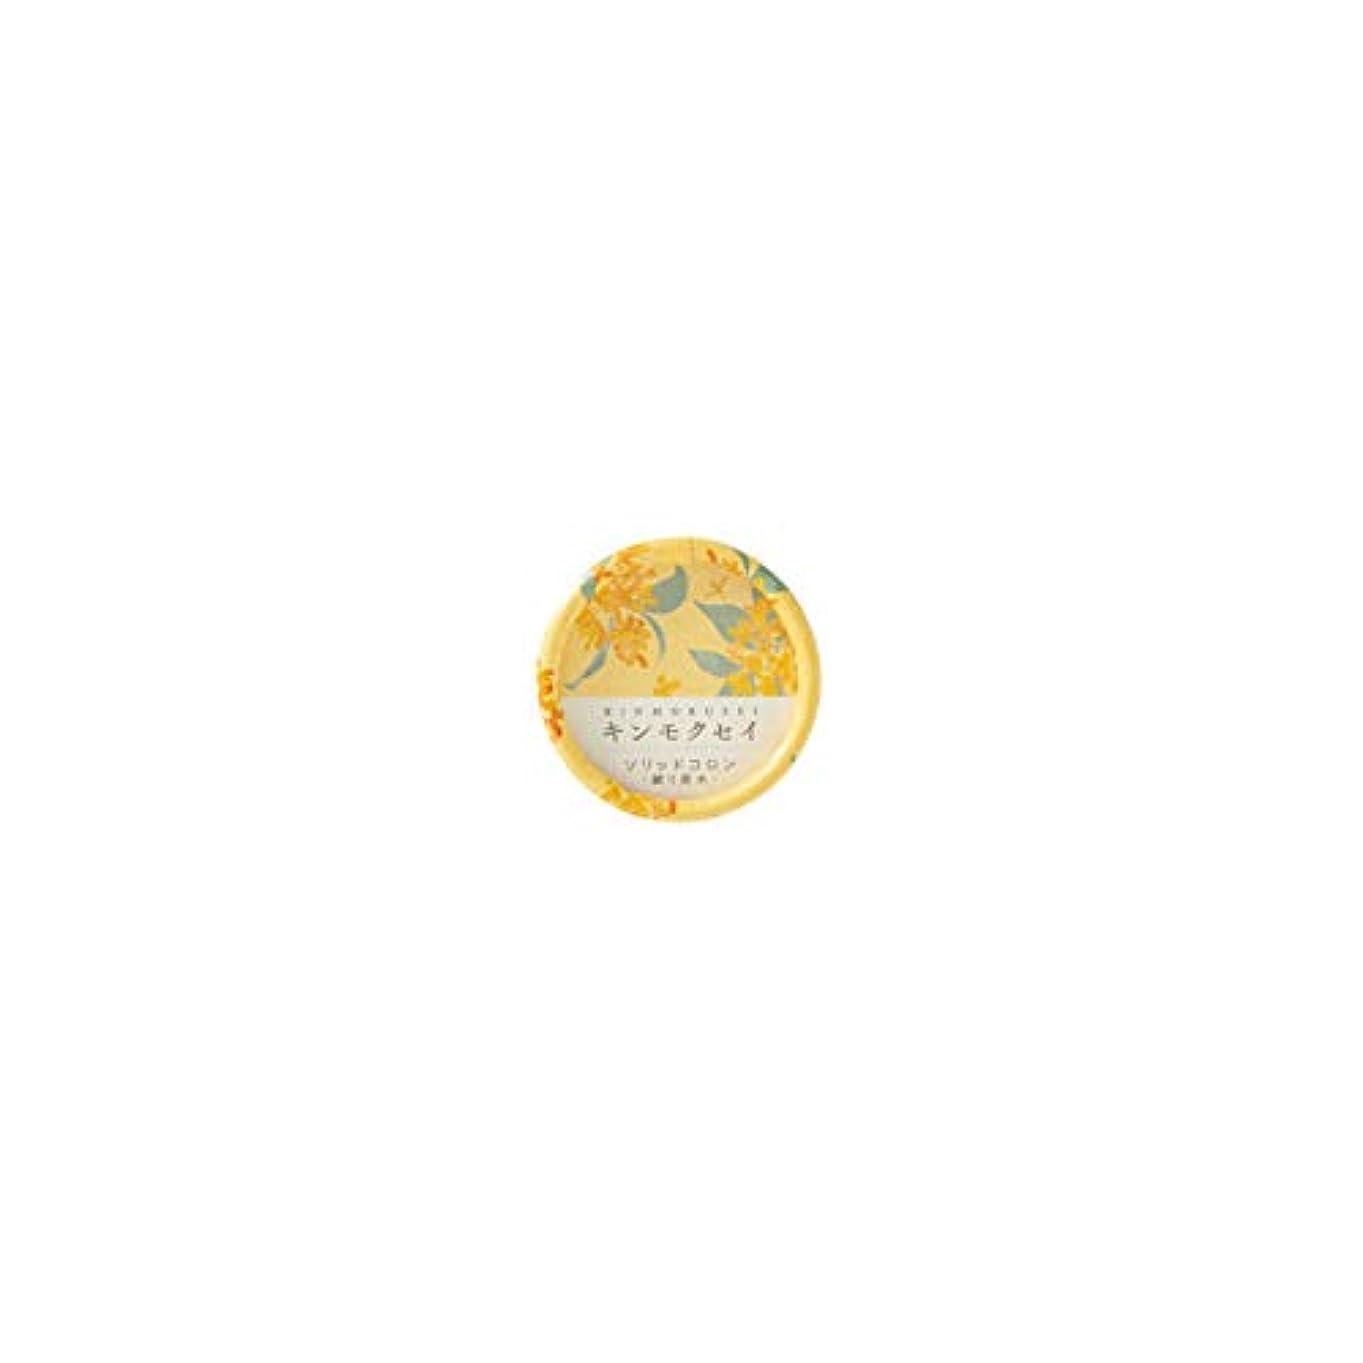 ハシー不調和混雑生活の木 ソリッドコロン(練り香水) キンモクセイ